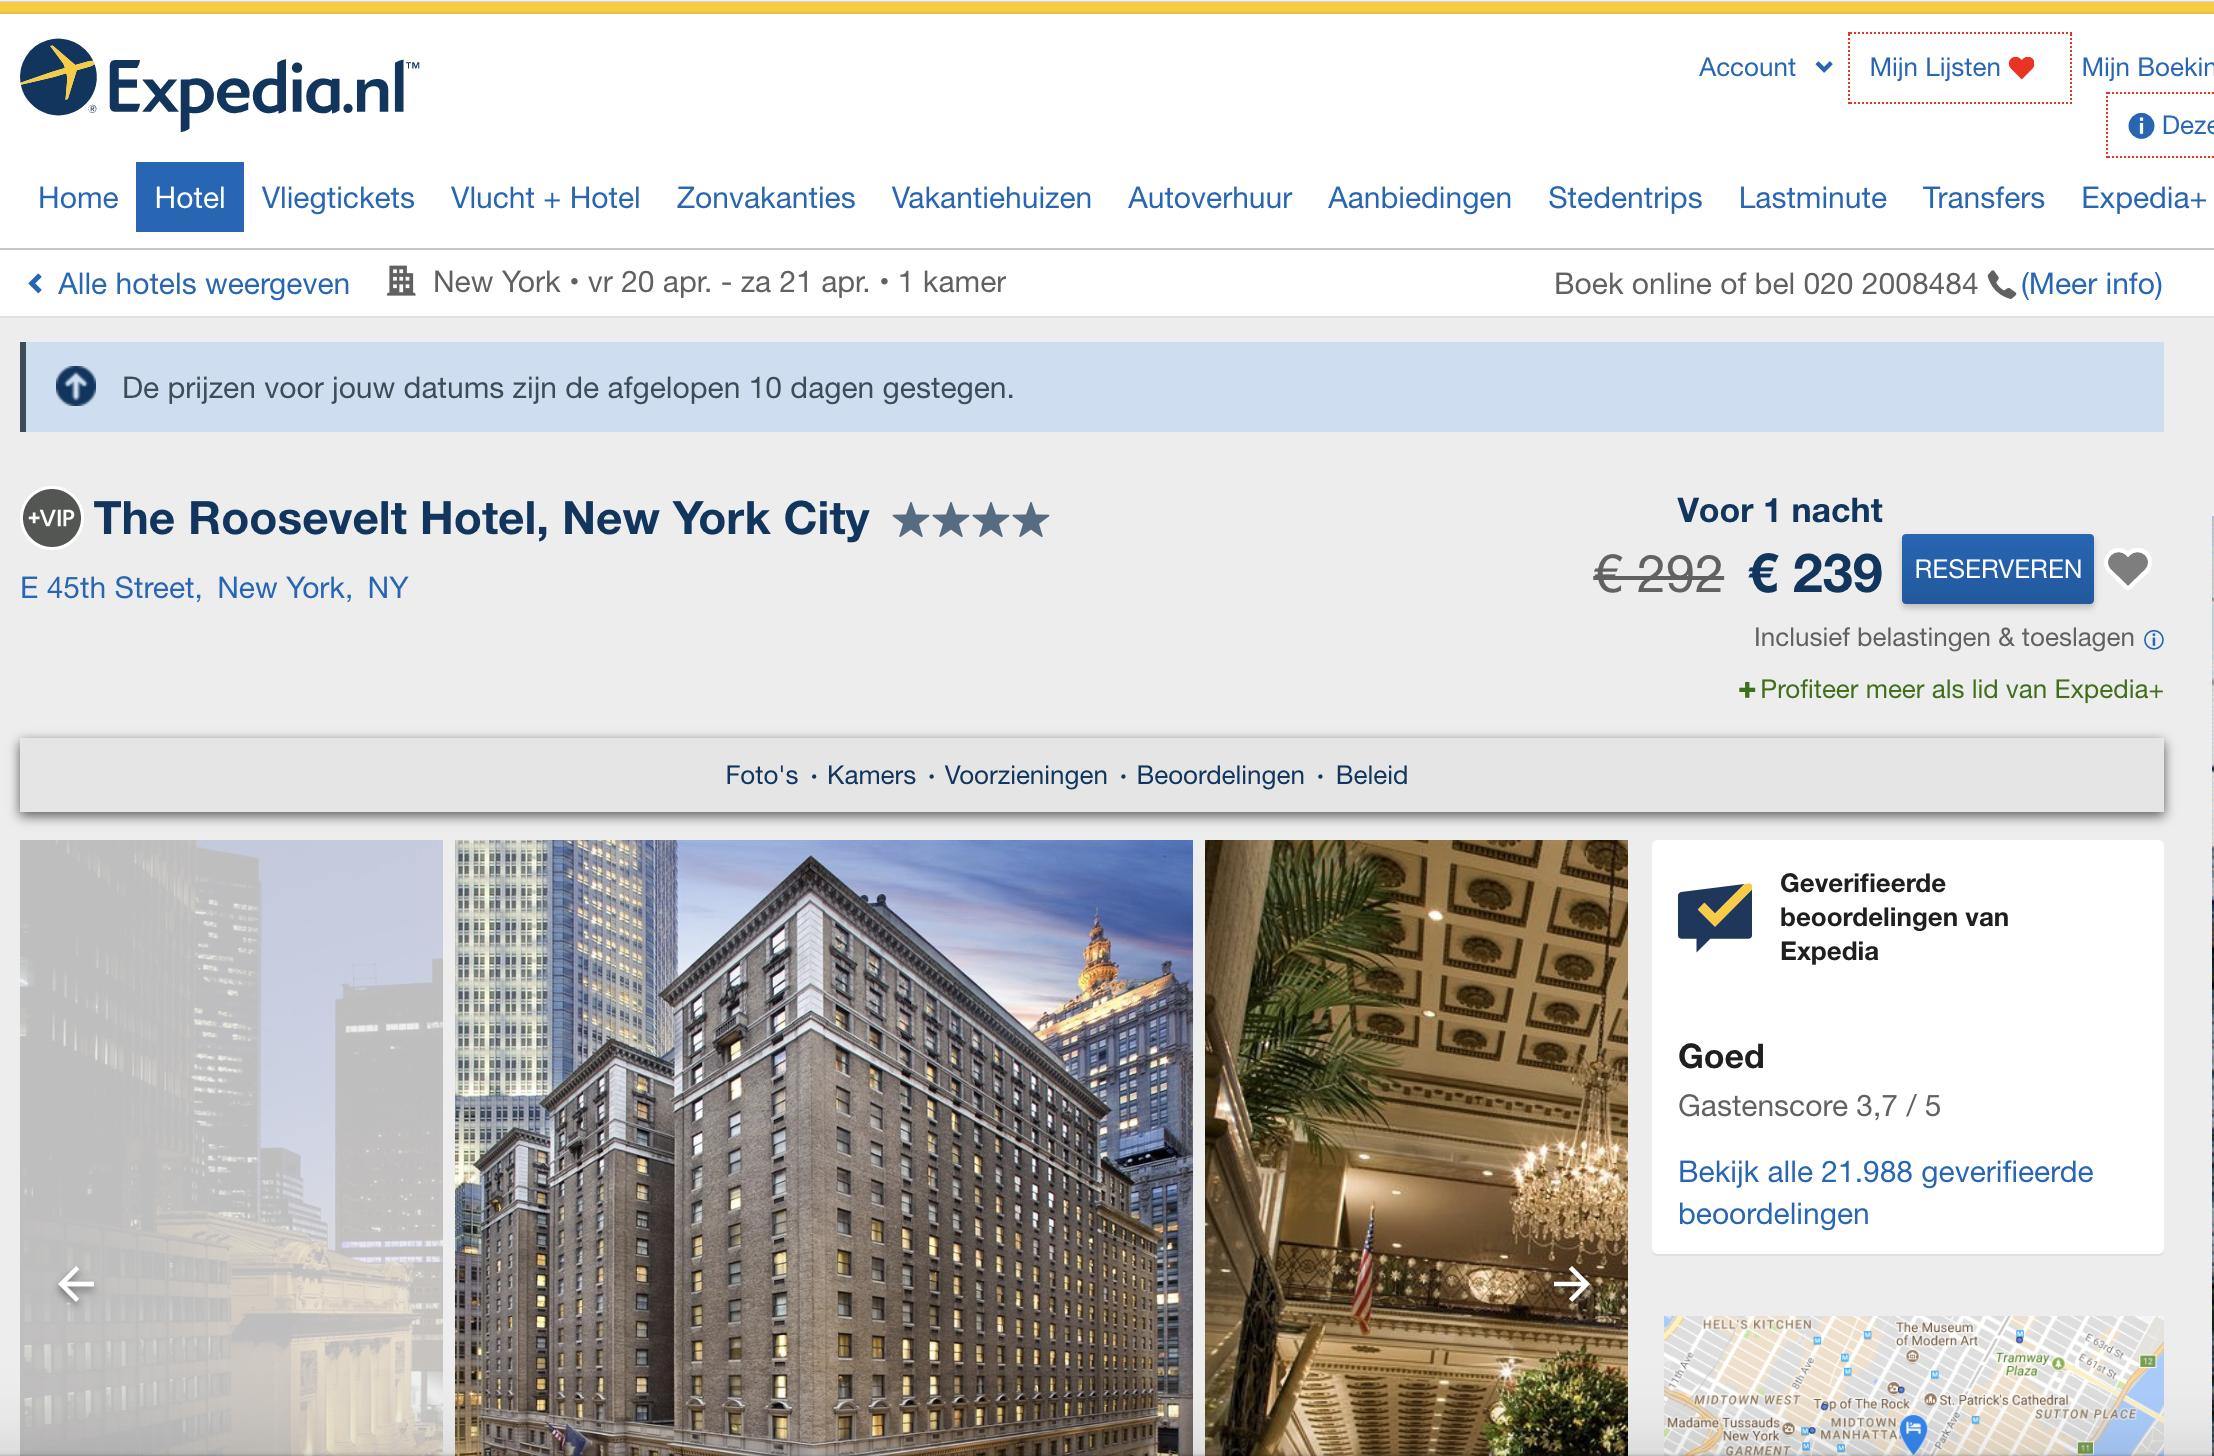 hotel selectie - Expedia